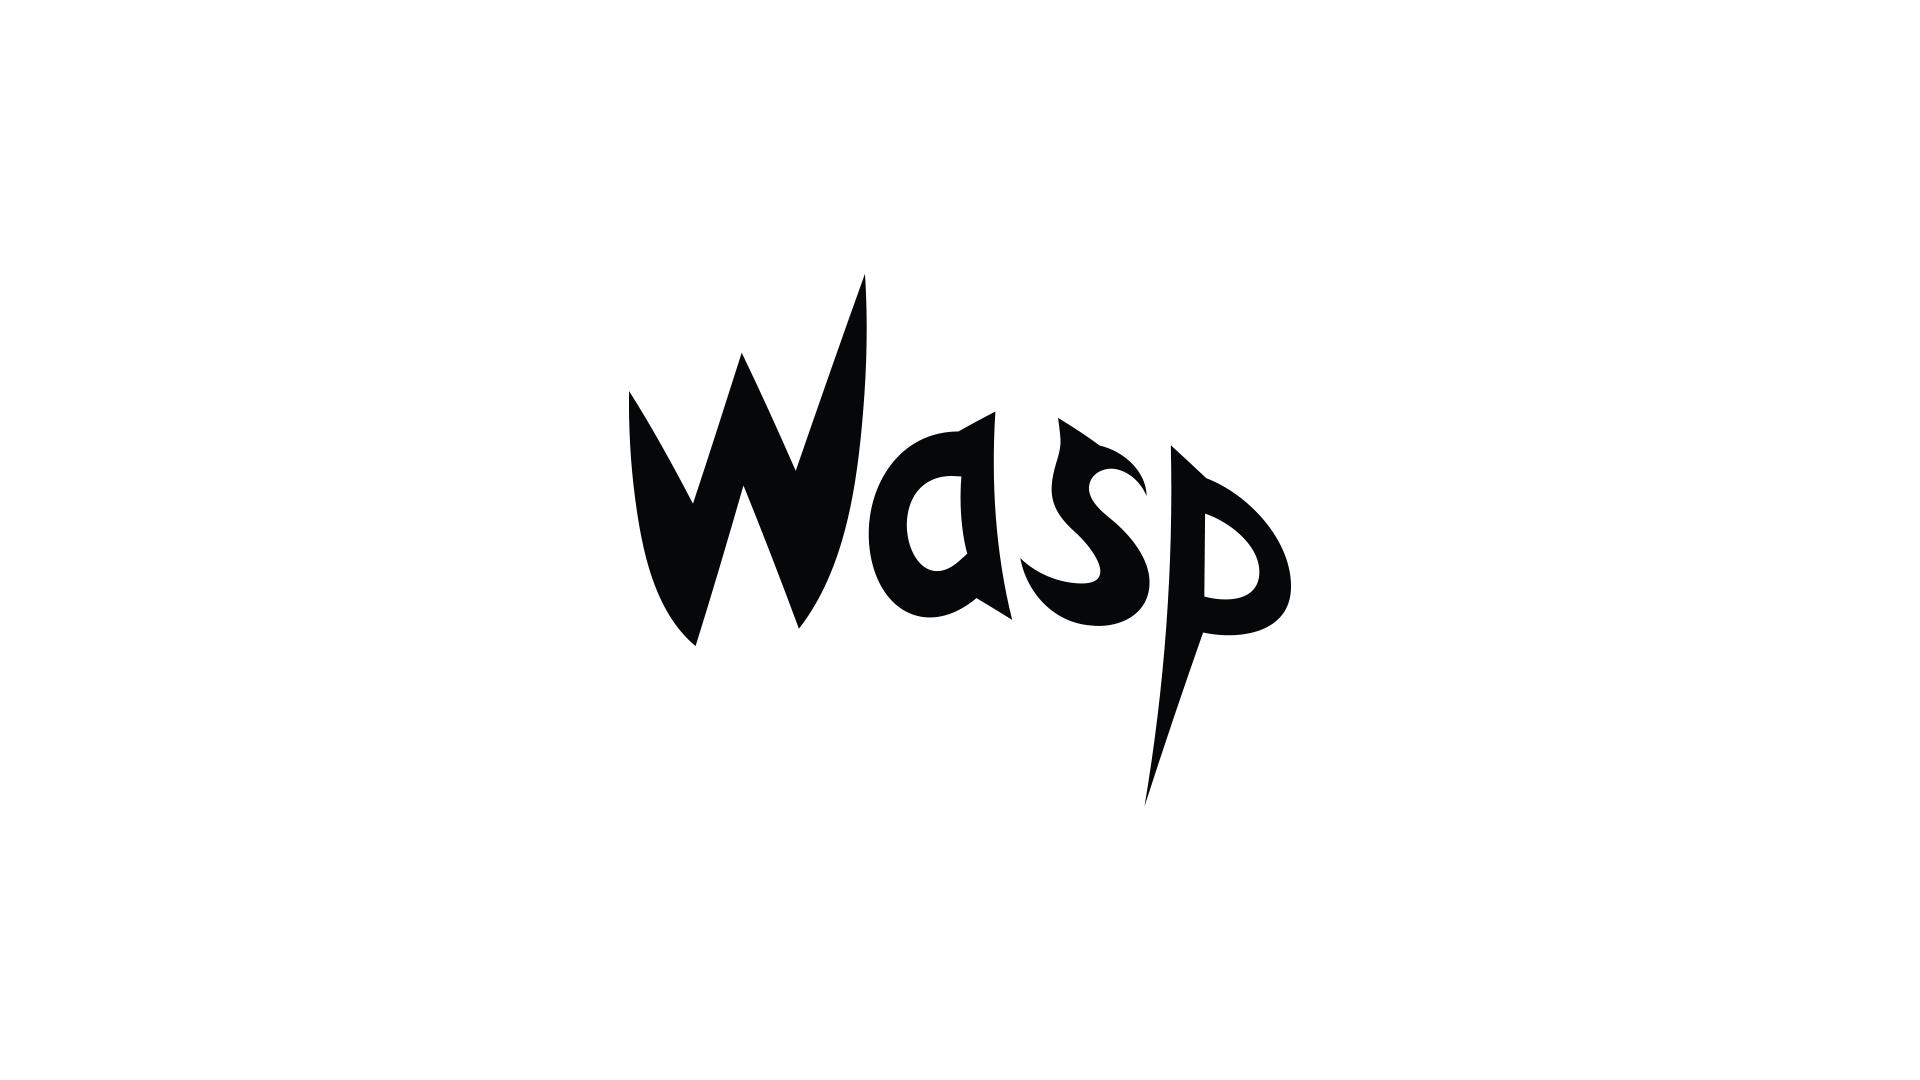 Wasp_1.png